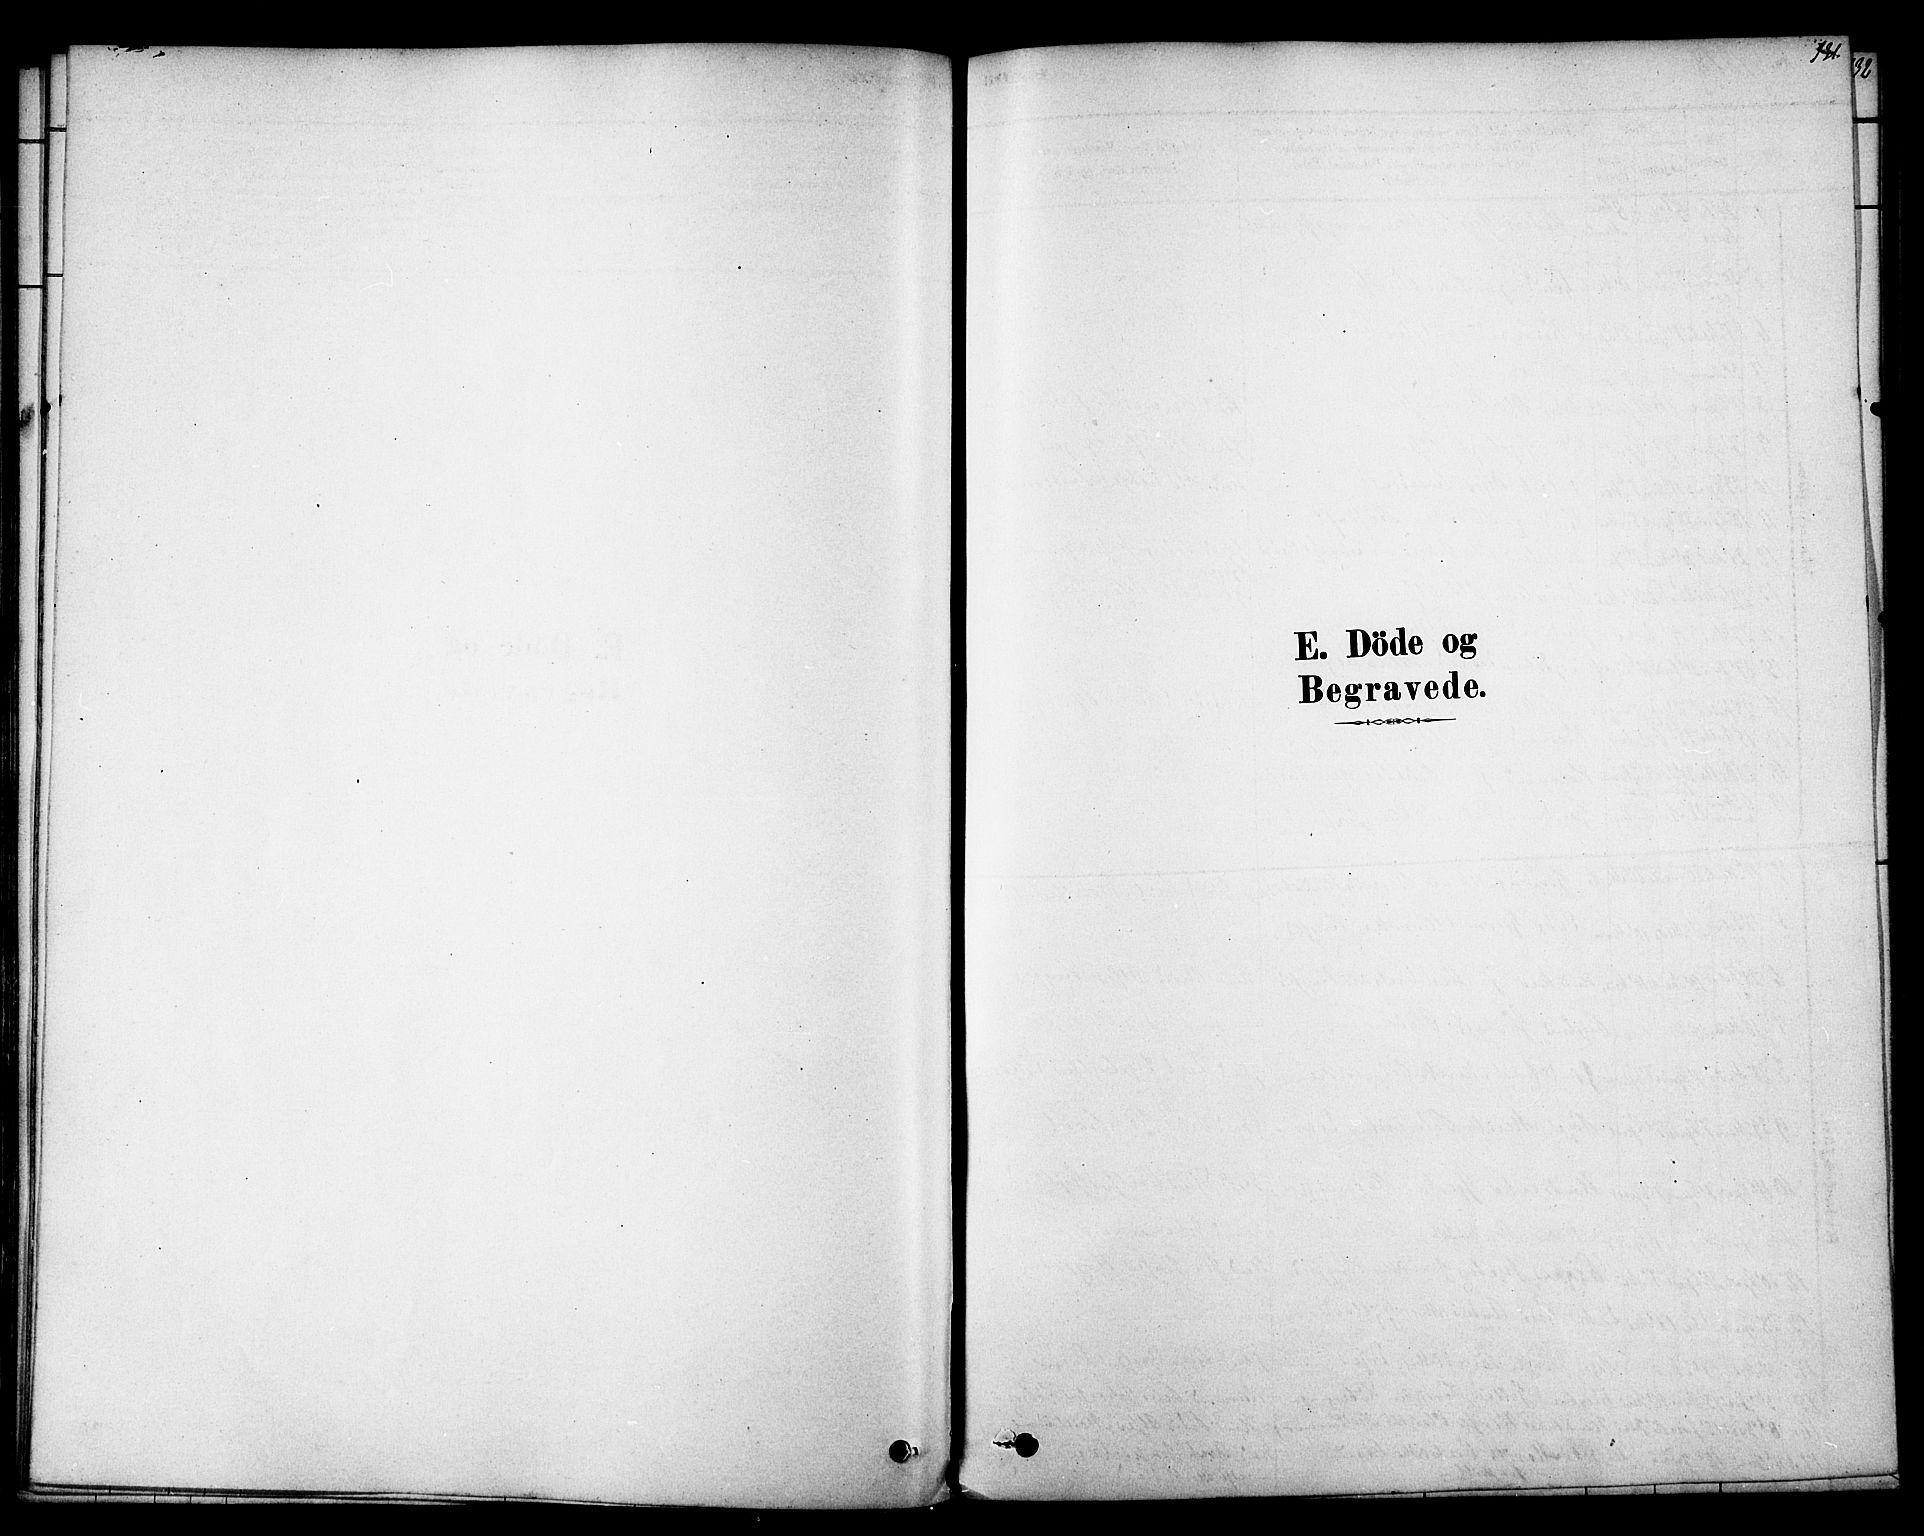 SAT, Ministerialprotokoller, klokkerbøker og fødselsregistre - Sør-Trøndelag, 692/L1105: Ministerialbok nr. 692A05, 1878-1890, s. 131